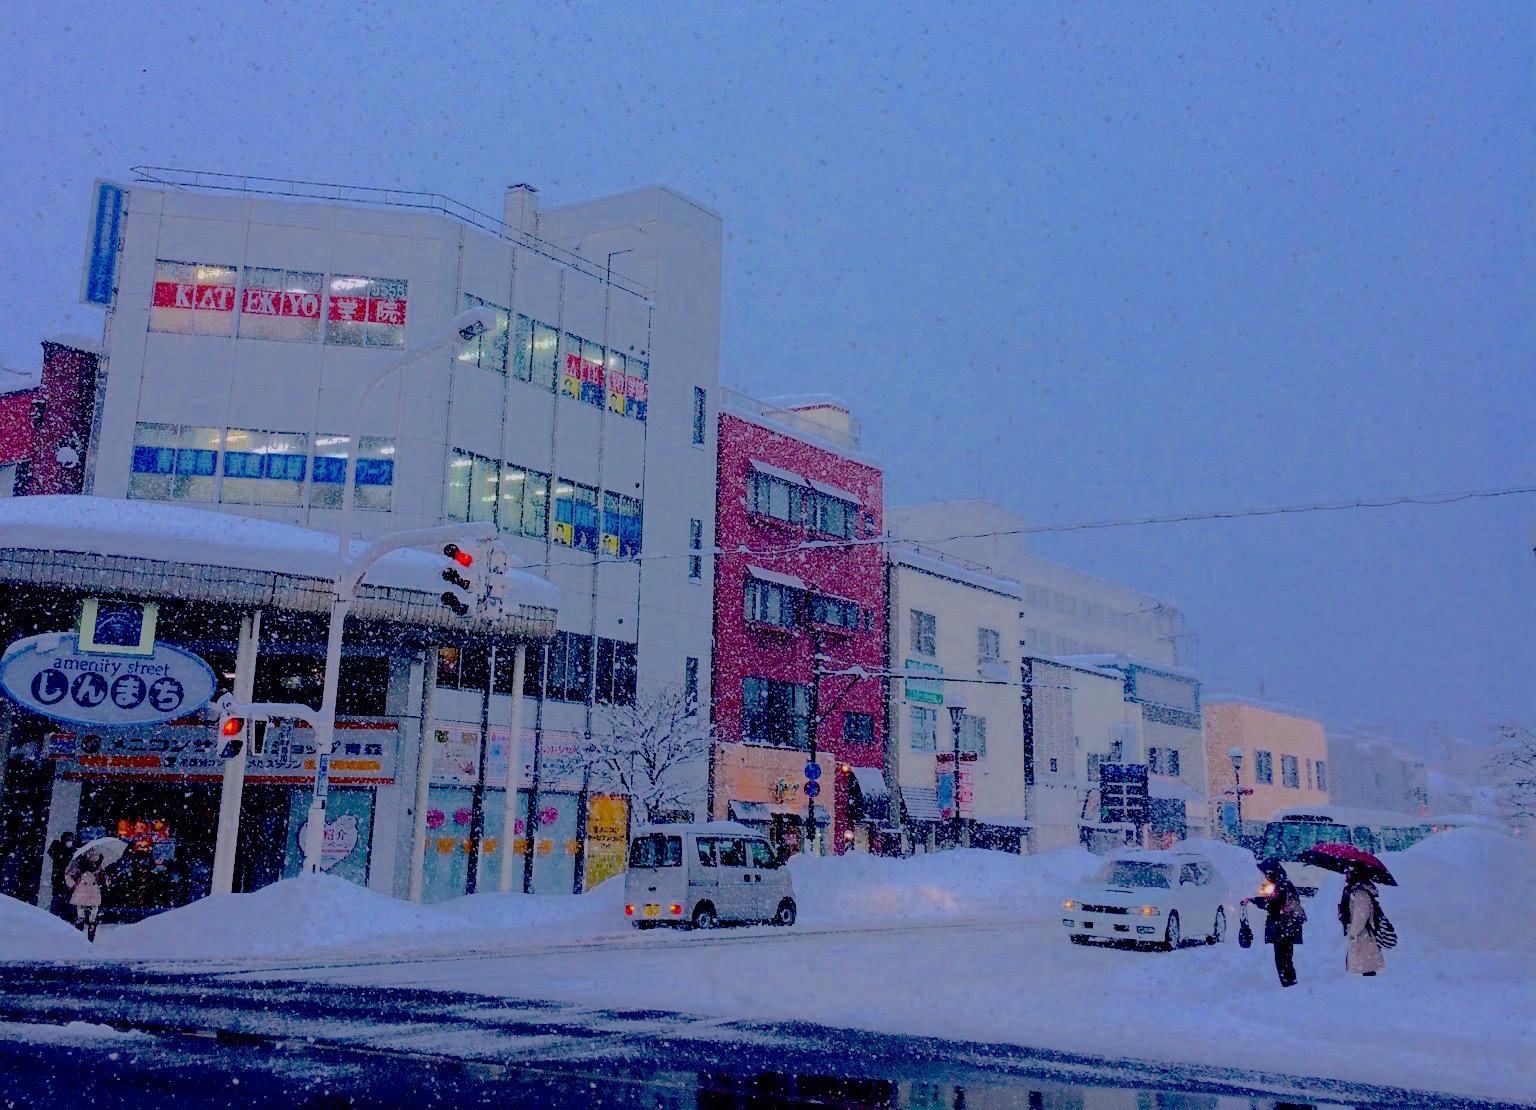 青森は大雪でした〜菊地可奈子さんのブログを研修の素材に